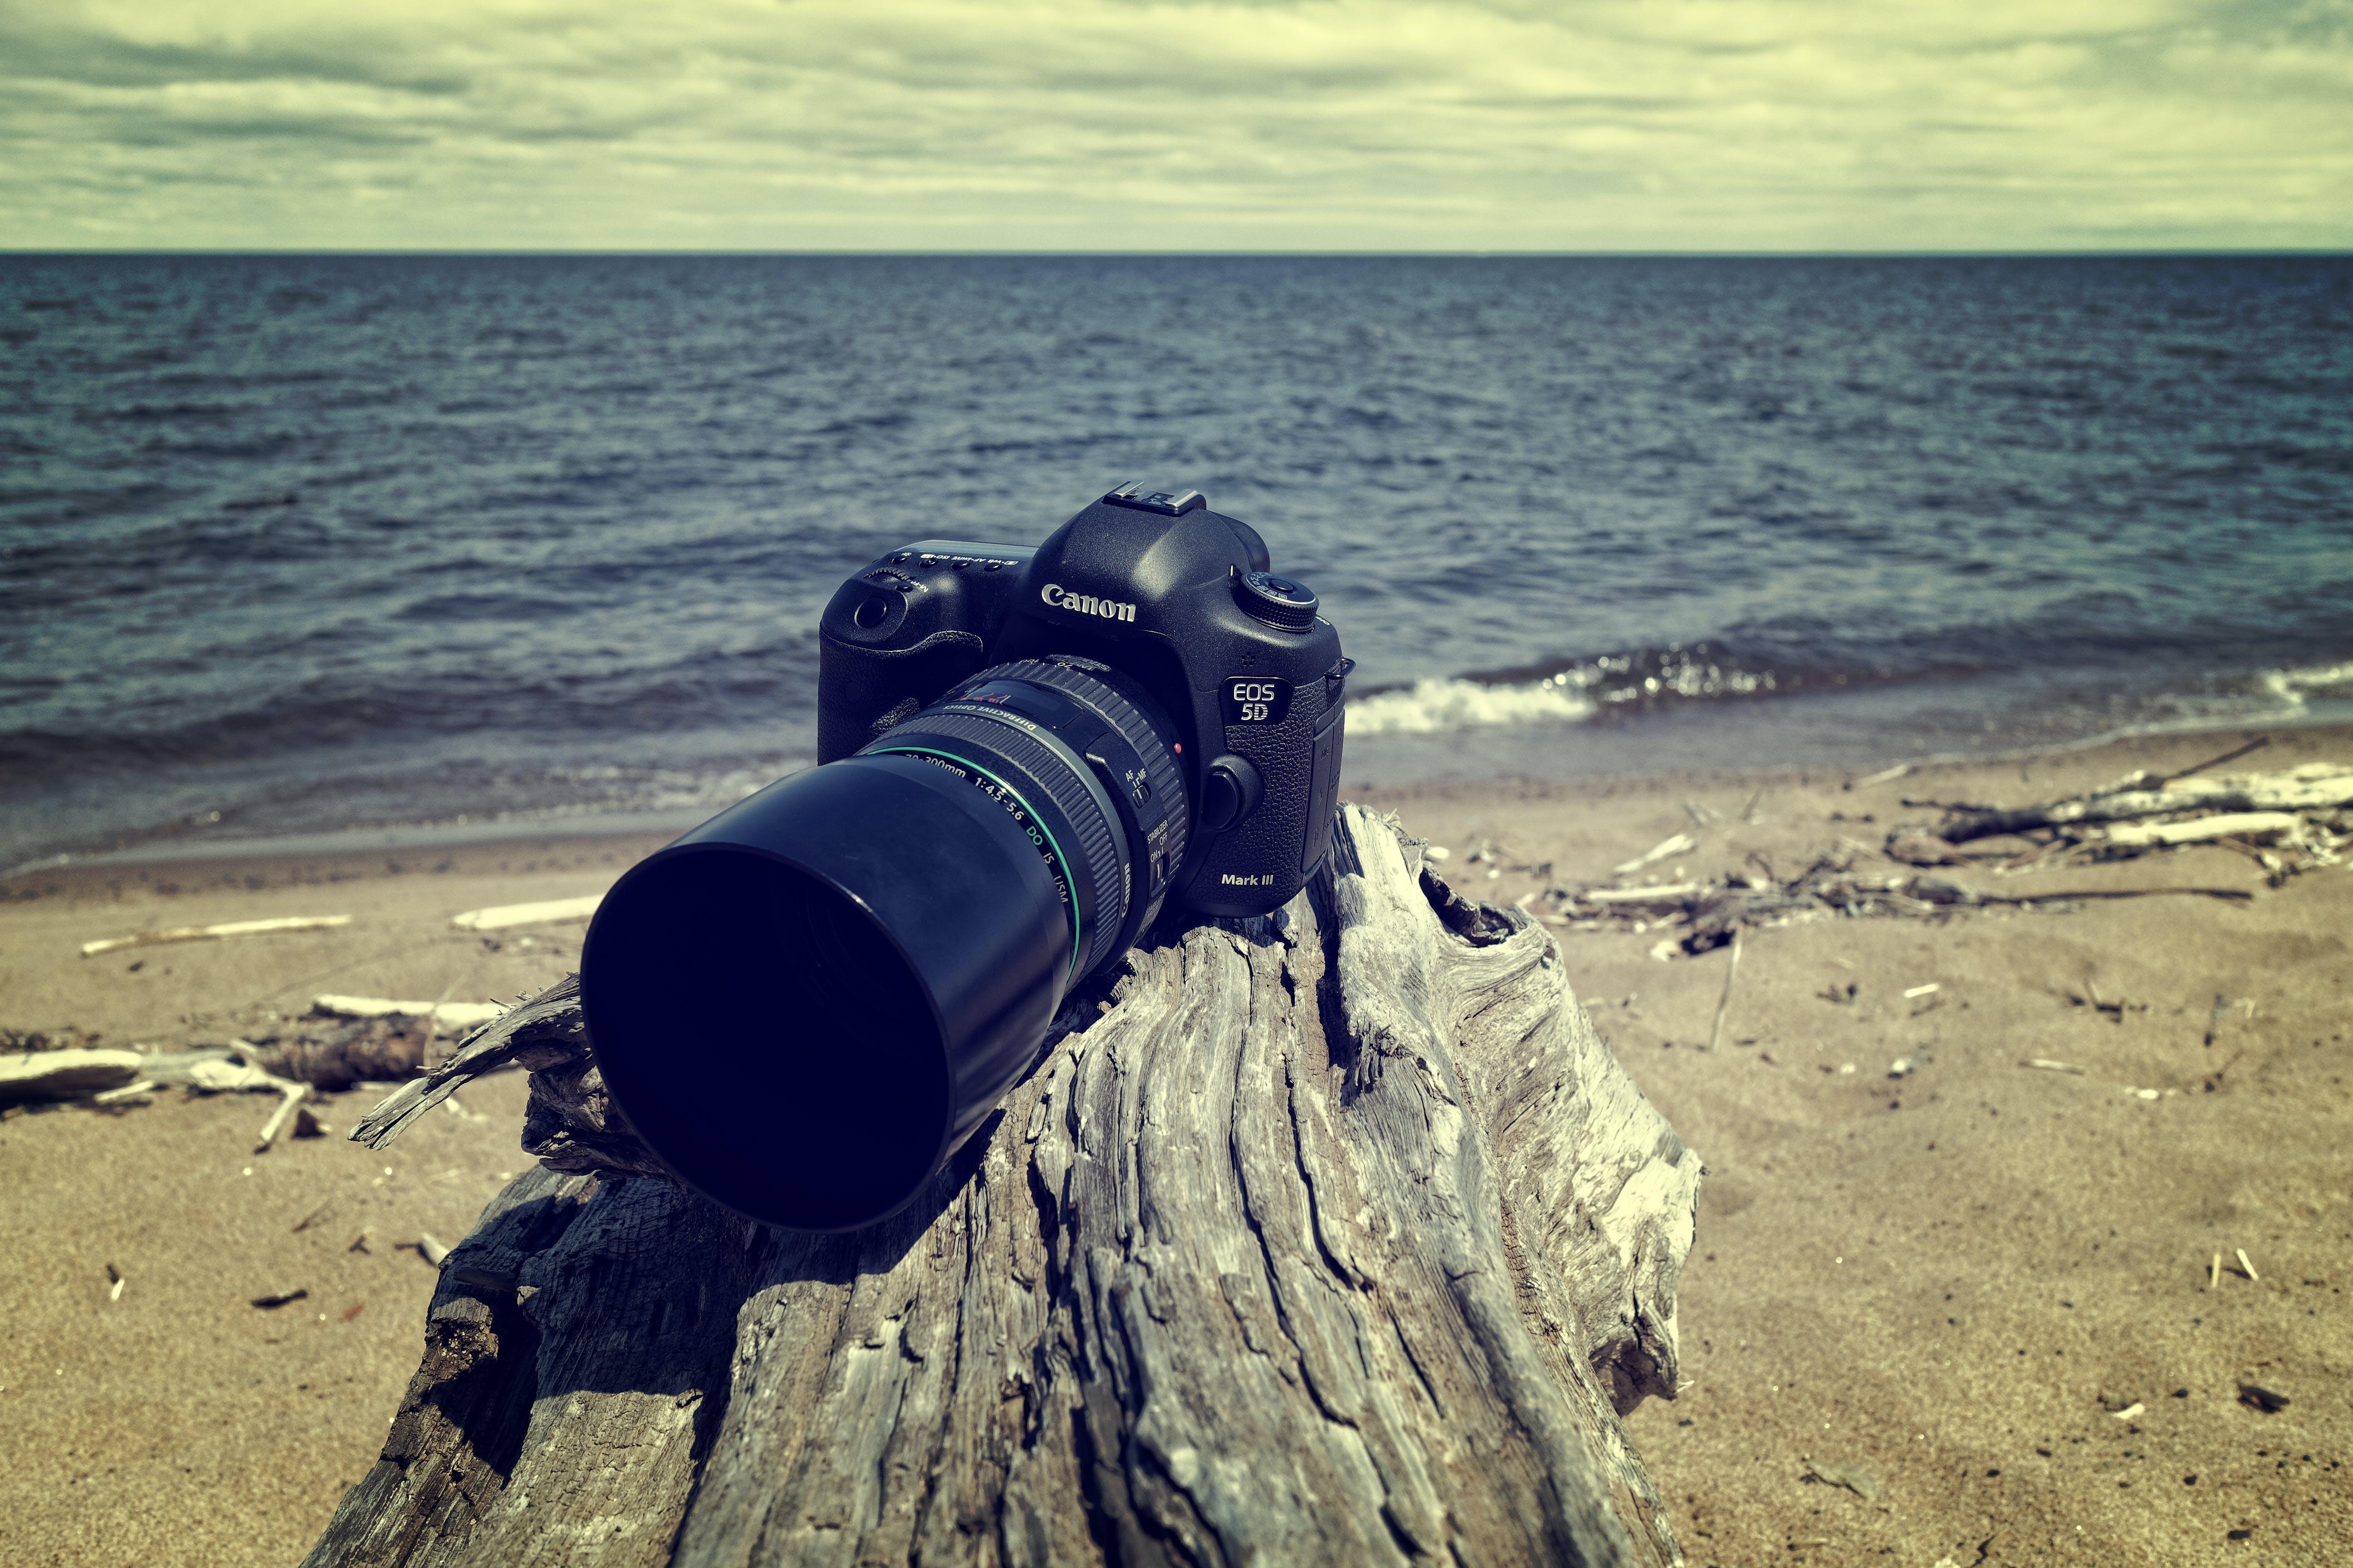 Black Canon Dslr Camera Near Sea Shore